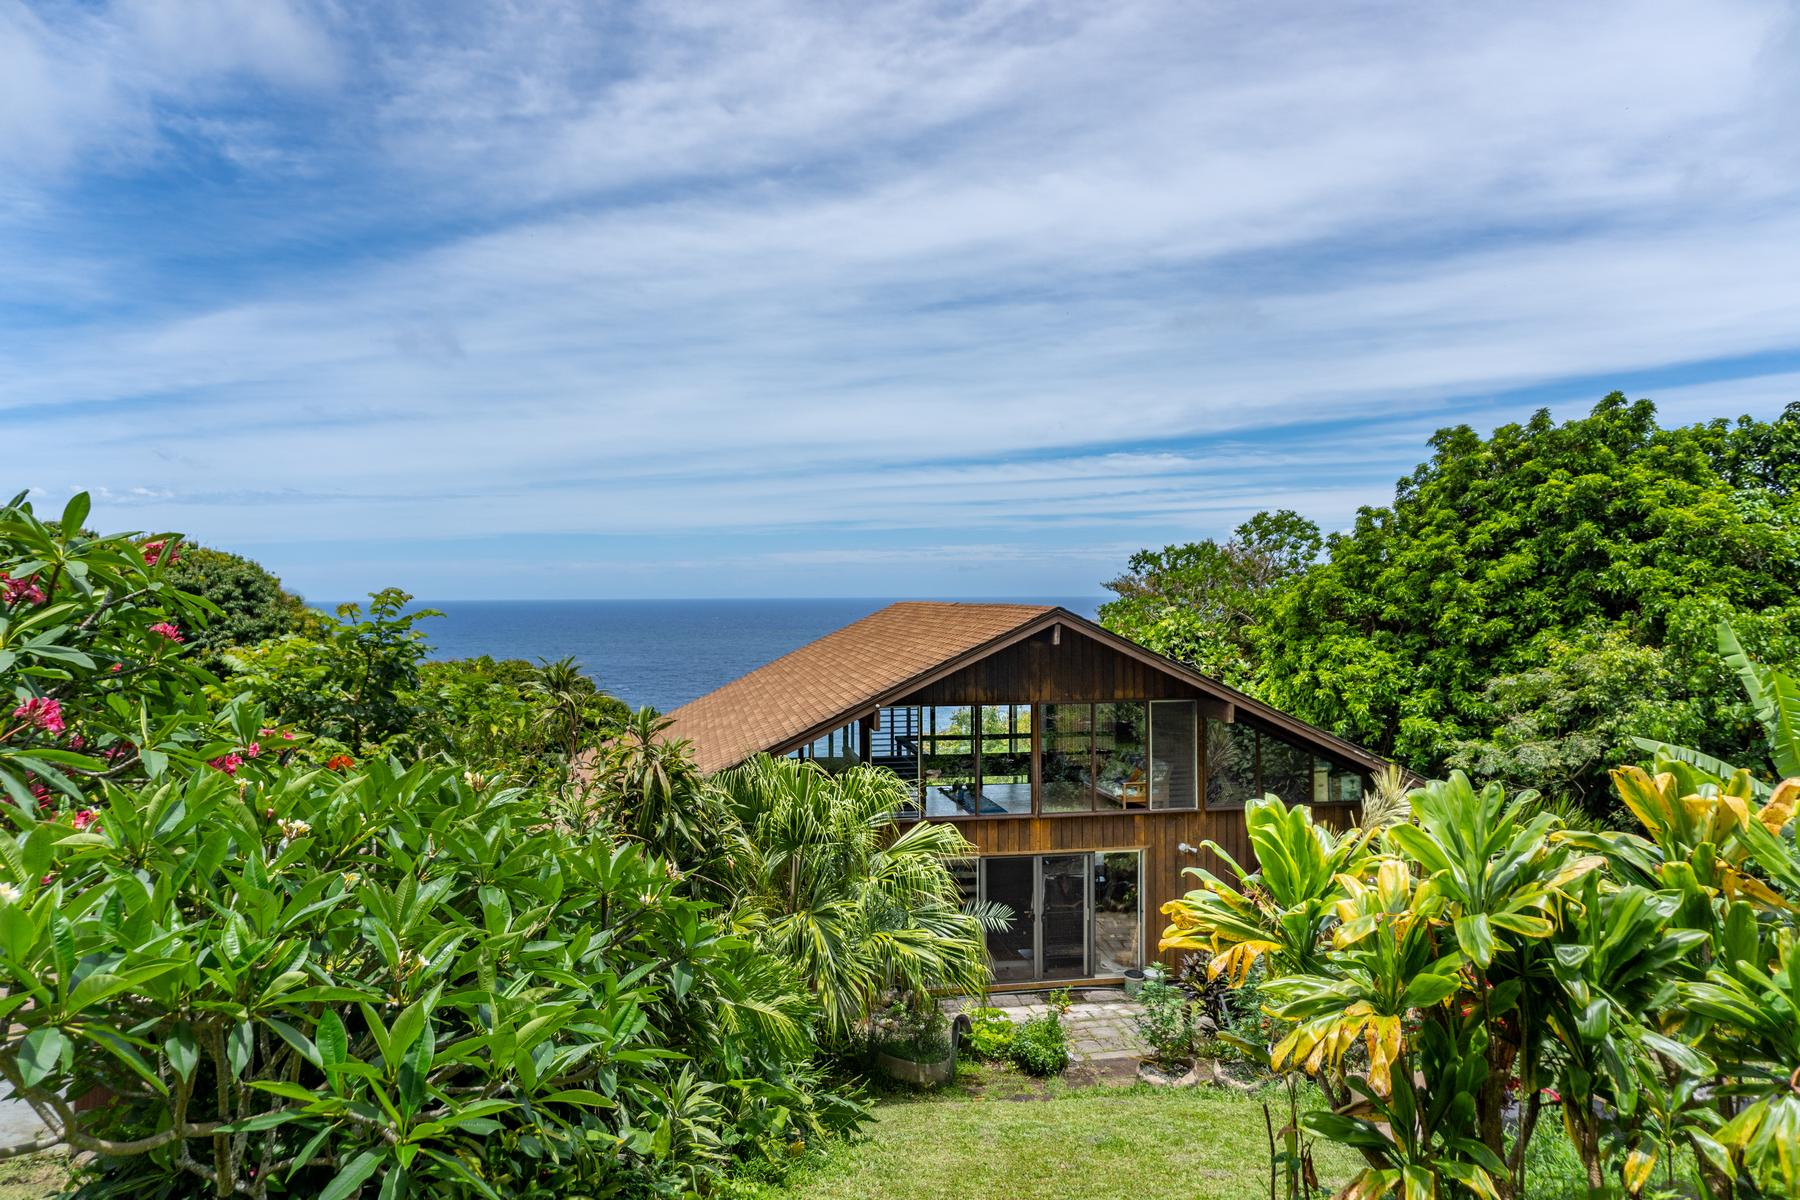 Single Family Homes för Försäljning vid Tropical Estate in Hana, Maui 4-5620 Hana Highway, Hana, Hawaii 96713 Förenta staterna